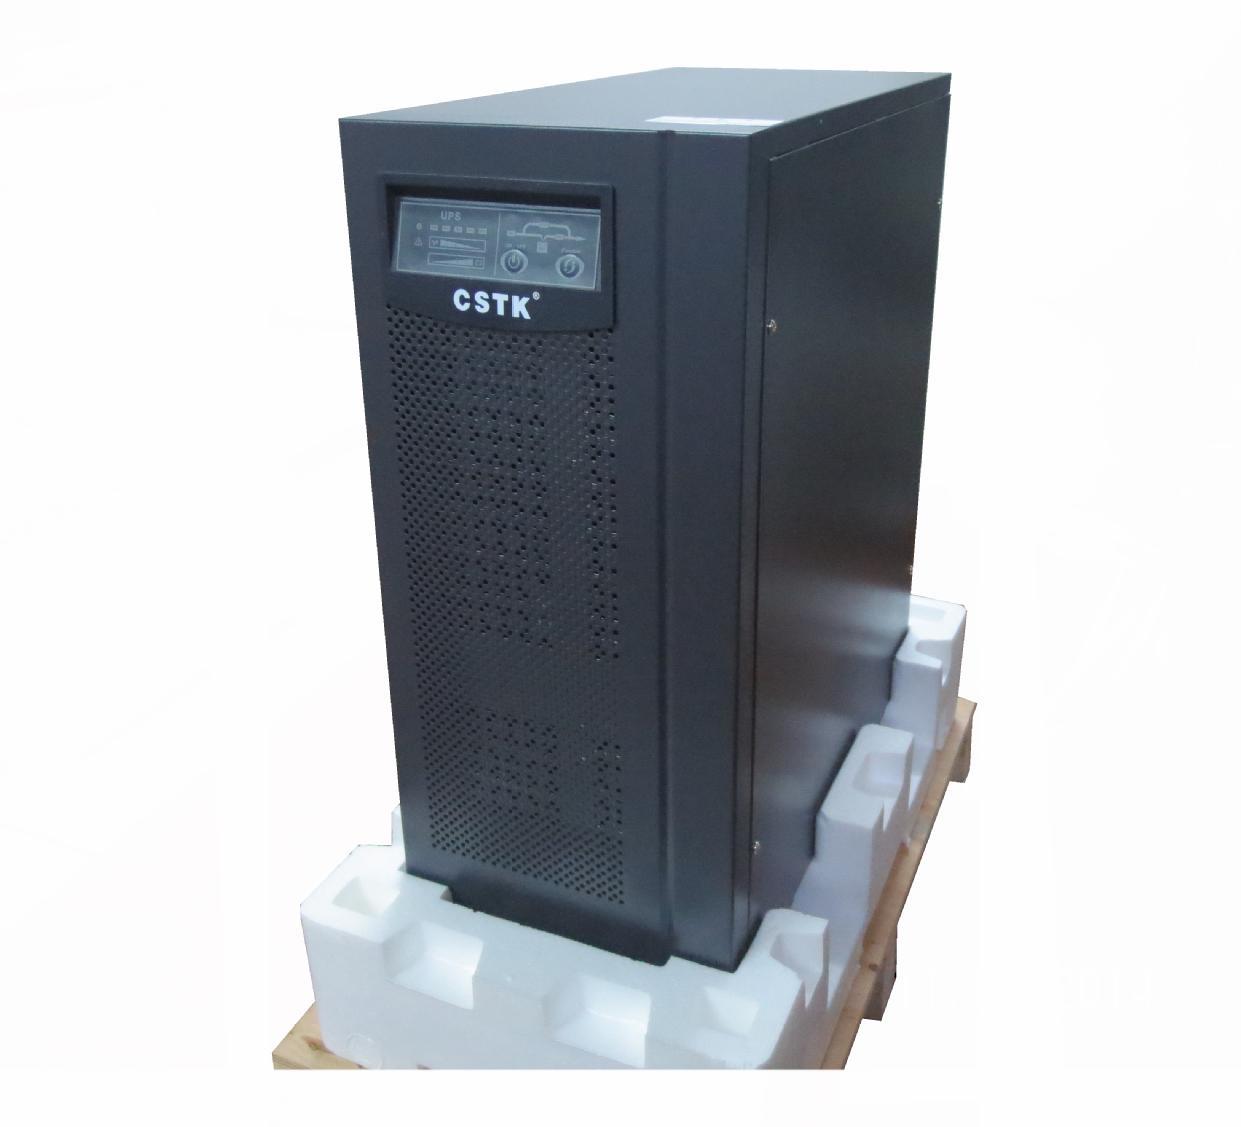 La batería de un 12V65AH CSTK3C20KSUPS host 16 cajas de 1 hora y media 20KVA A16